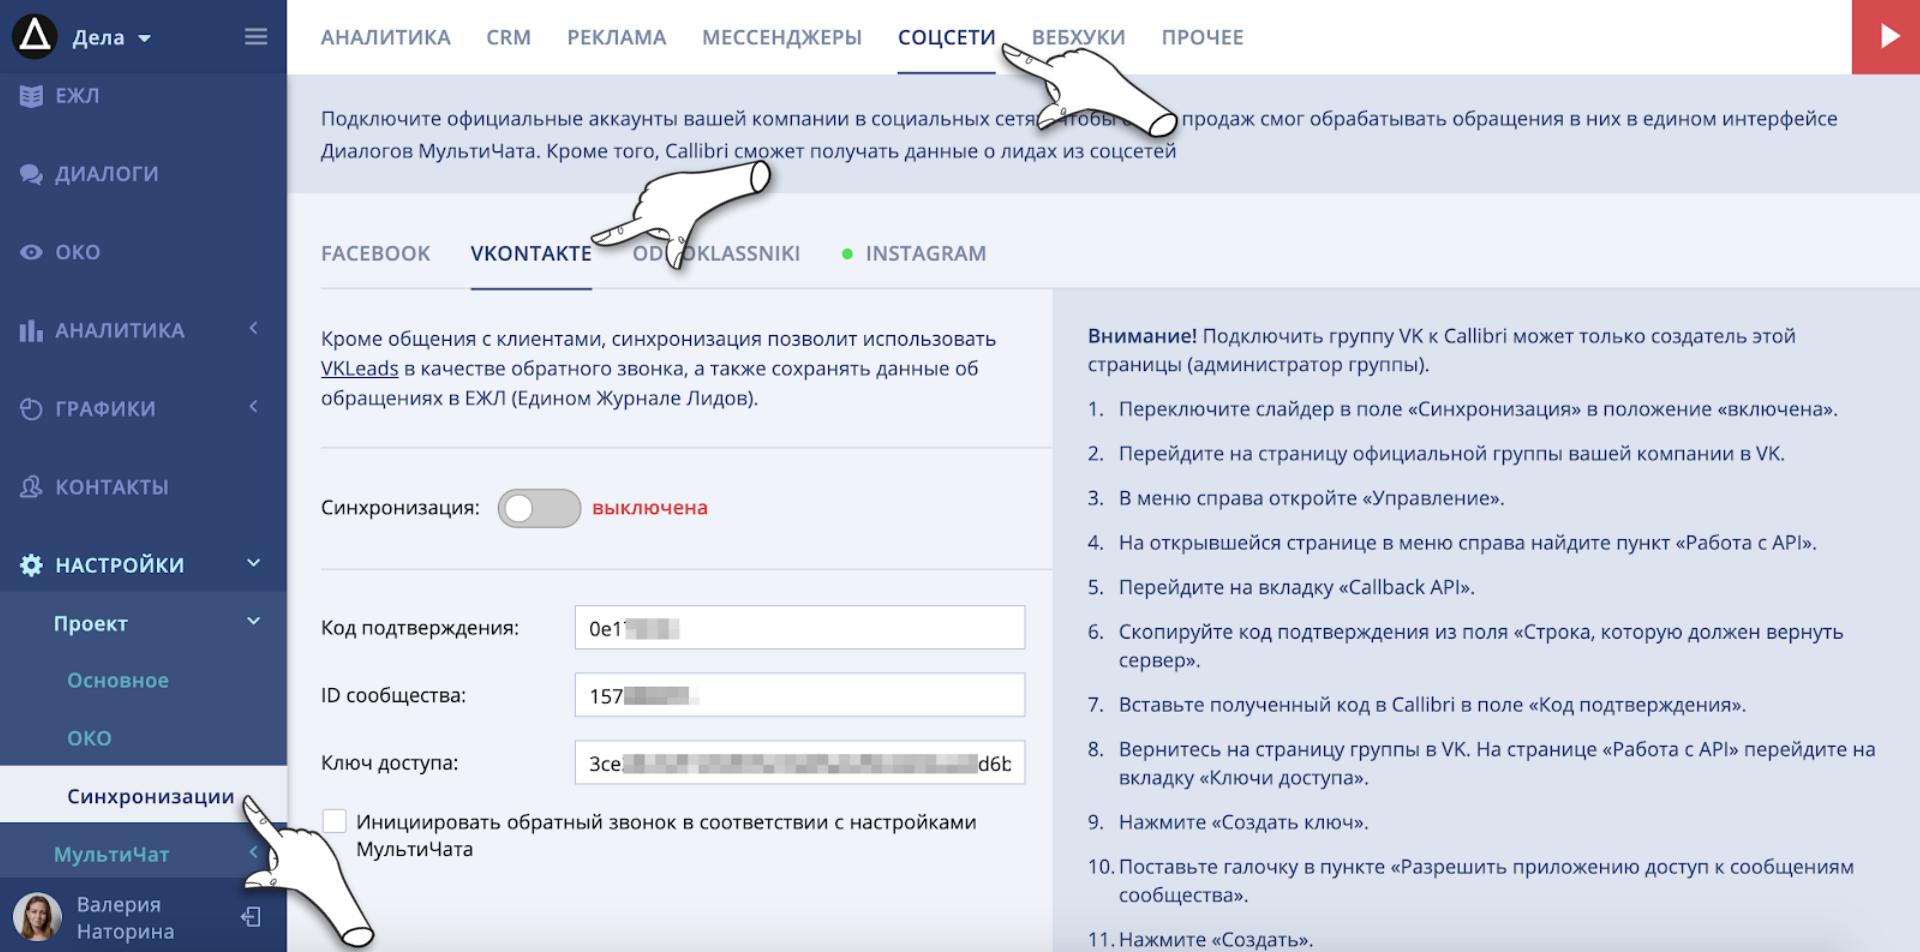 Синхронизировать сообщество ВКонтакте и Callibri в настройках